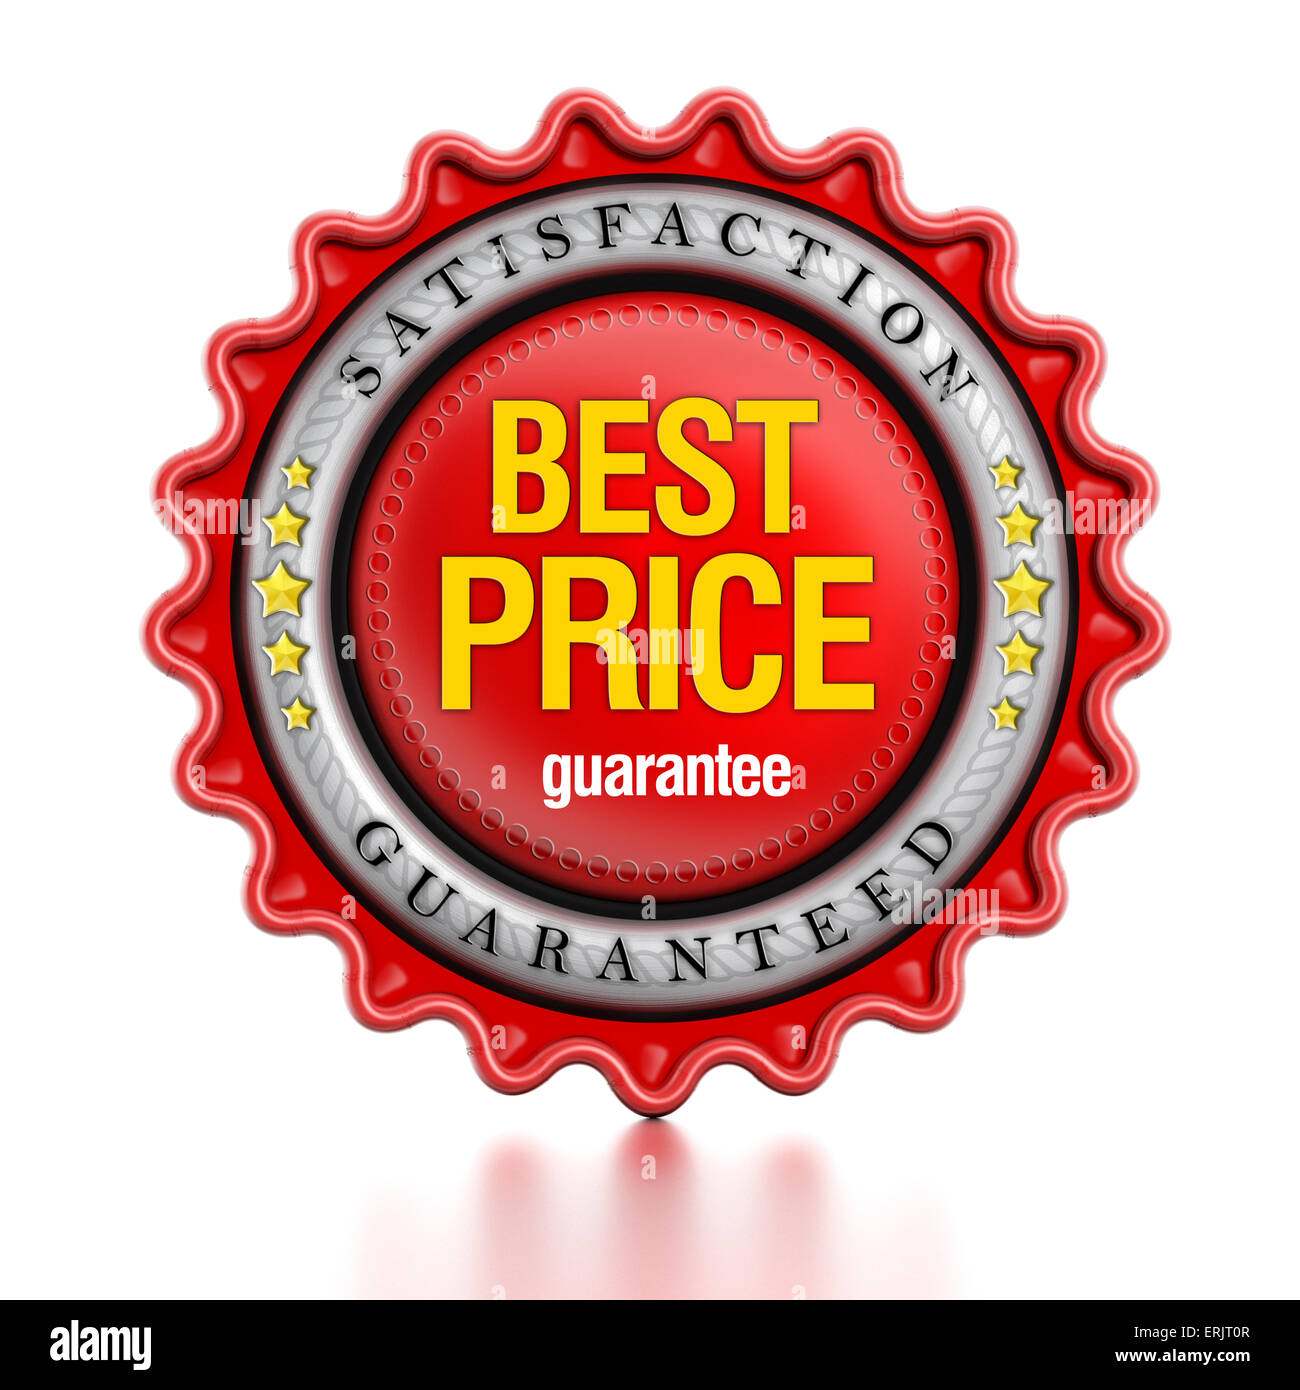 Meilleur prix stamp isolé sur fond blanc. Photo Stock